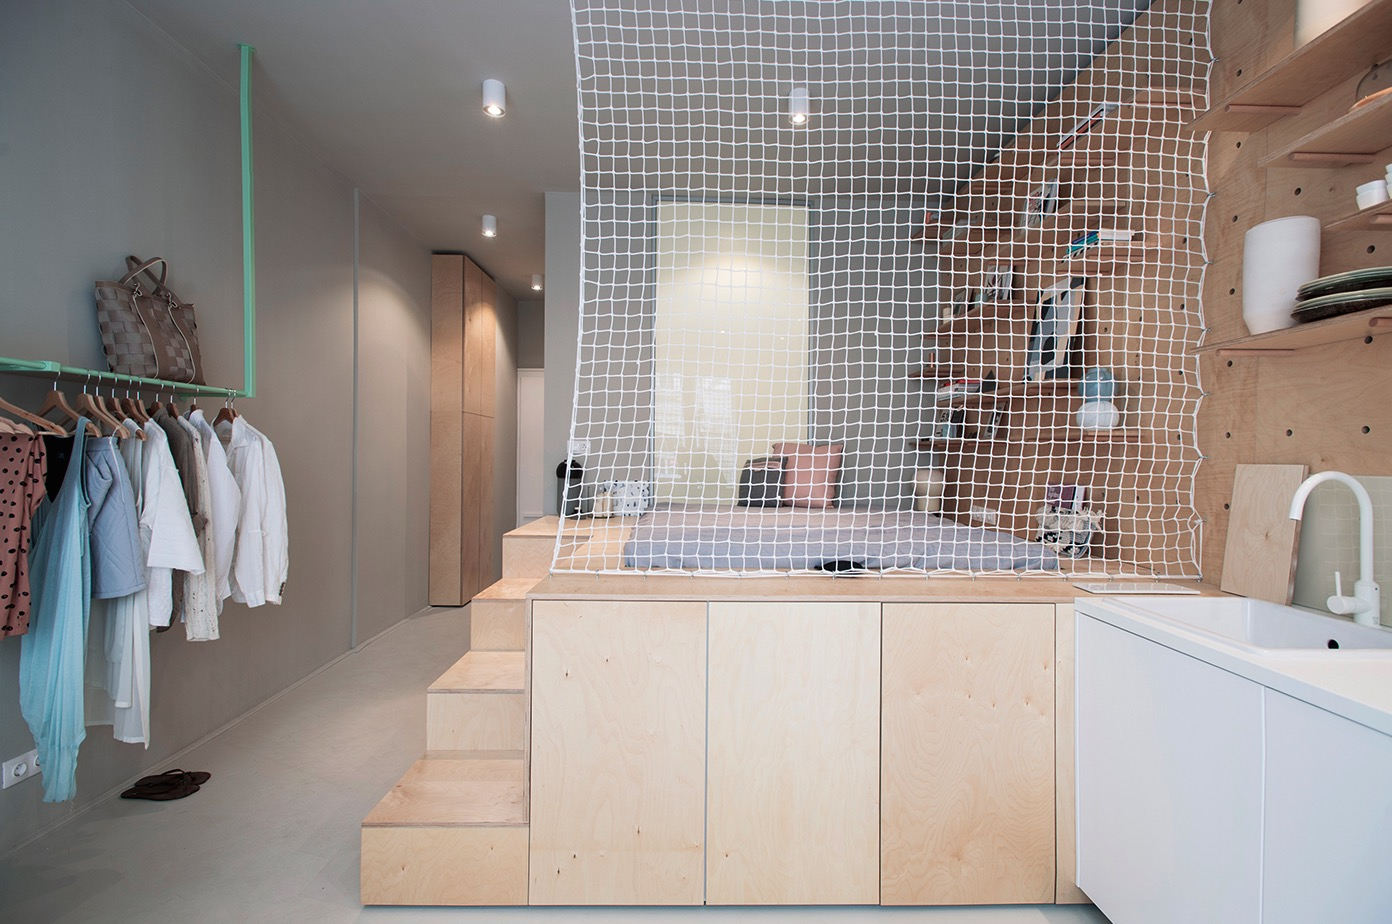 組み換えも移動も自由自在 壁面いっぱいに作り込まれたシンプルな有孔ボードの可変棚 住宅デザイン